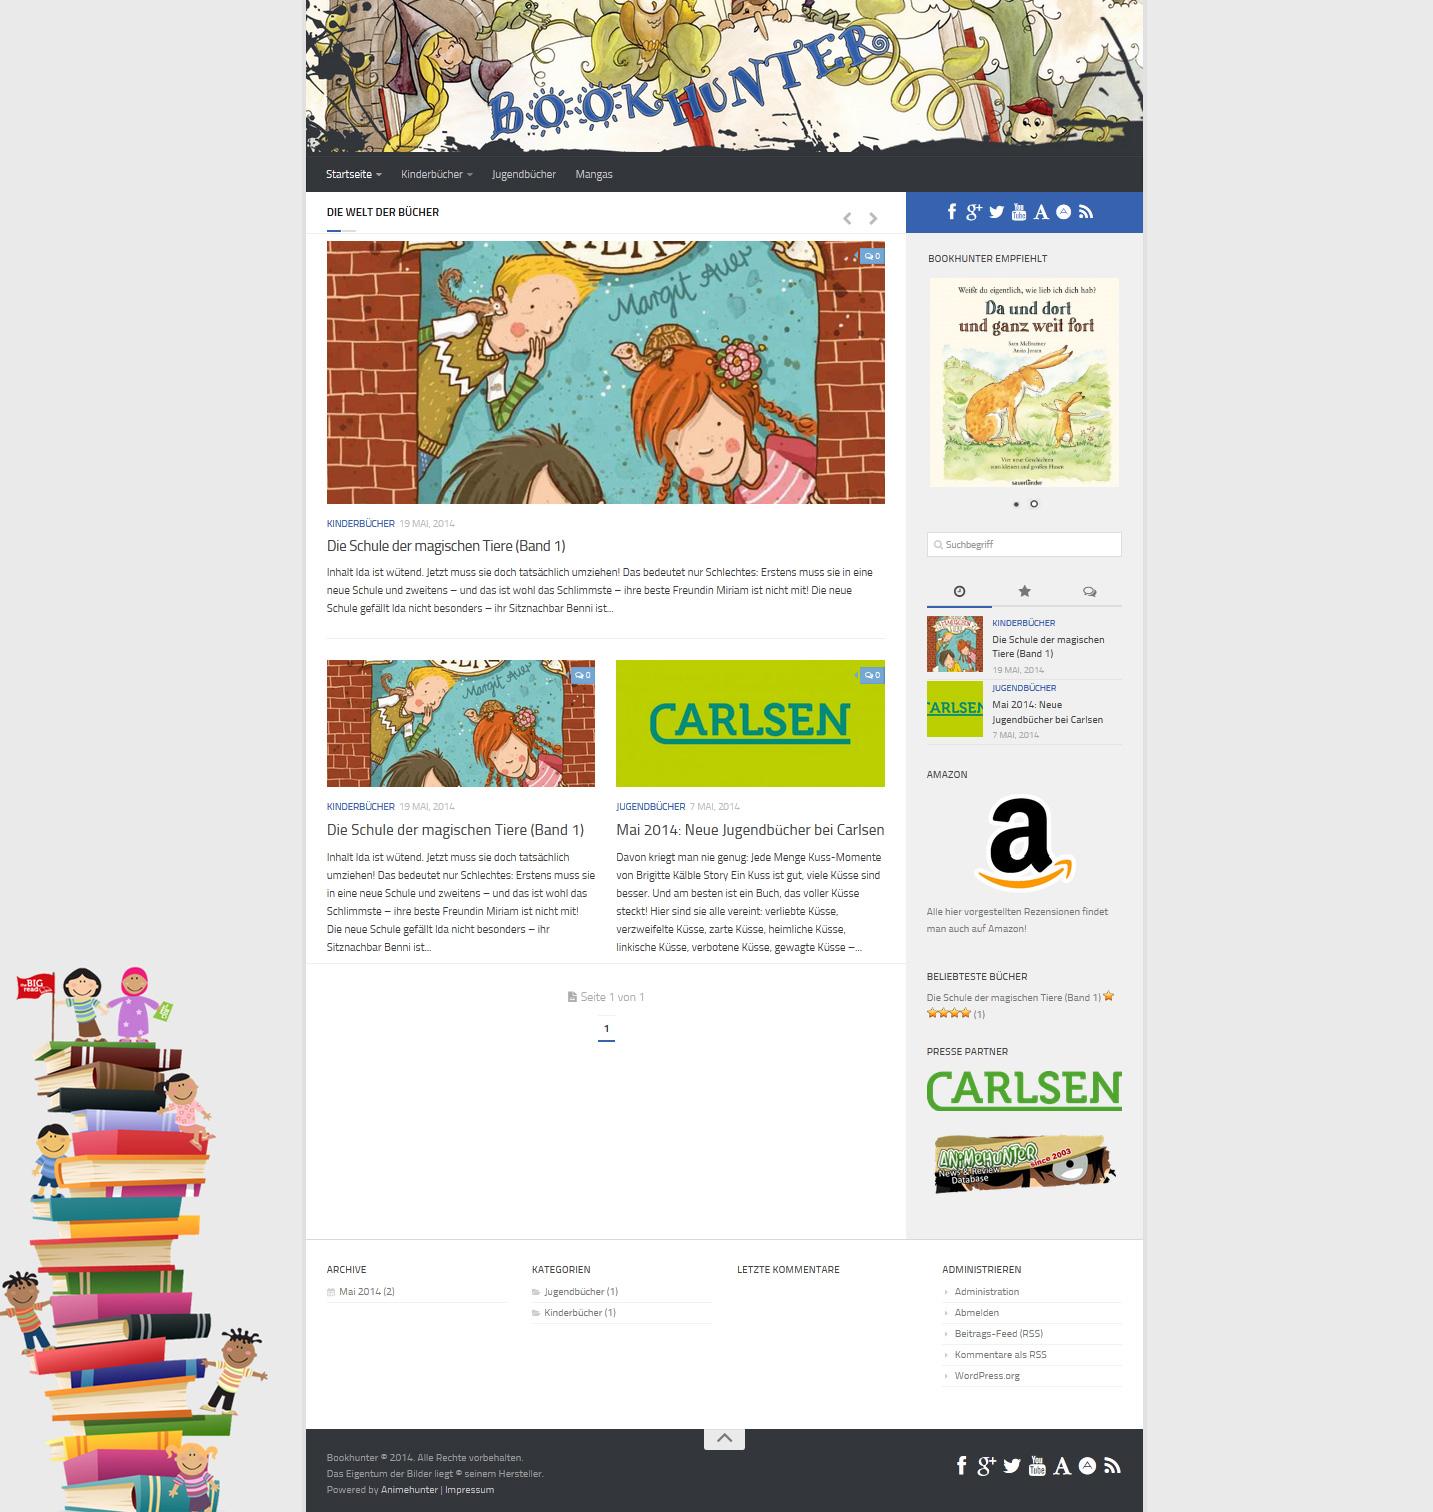 Bookhunter - Die Welt der Bücher